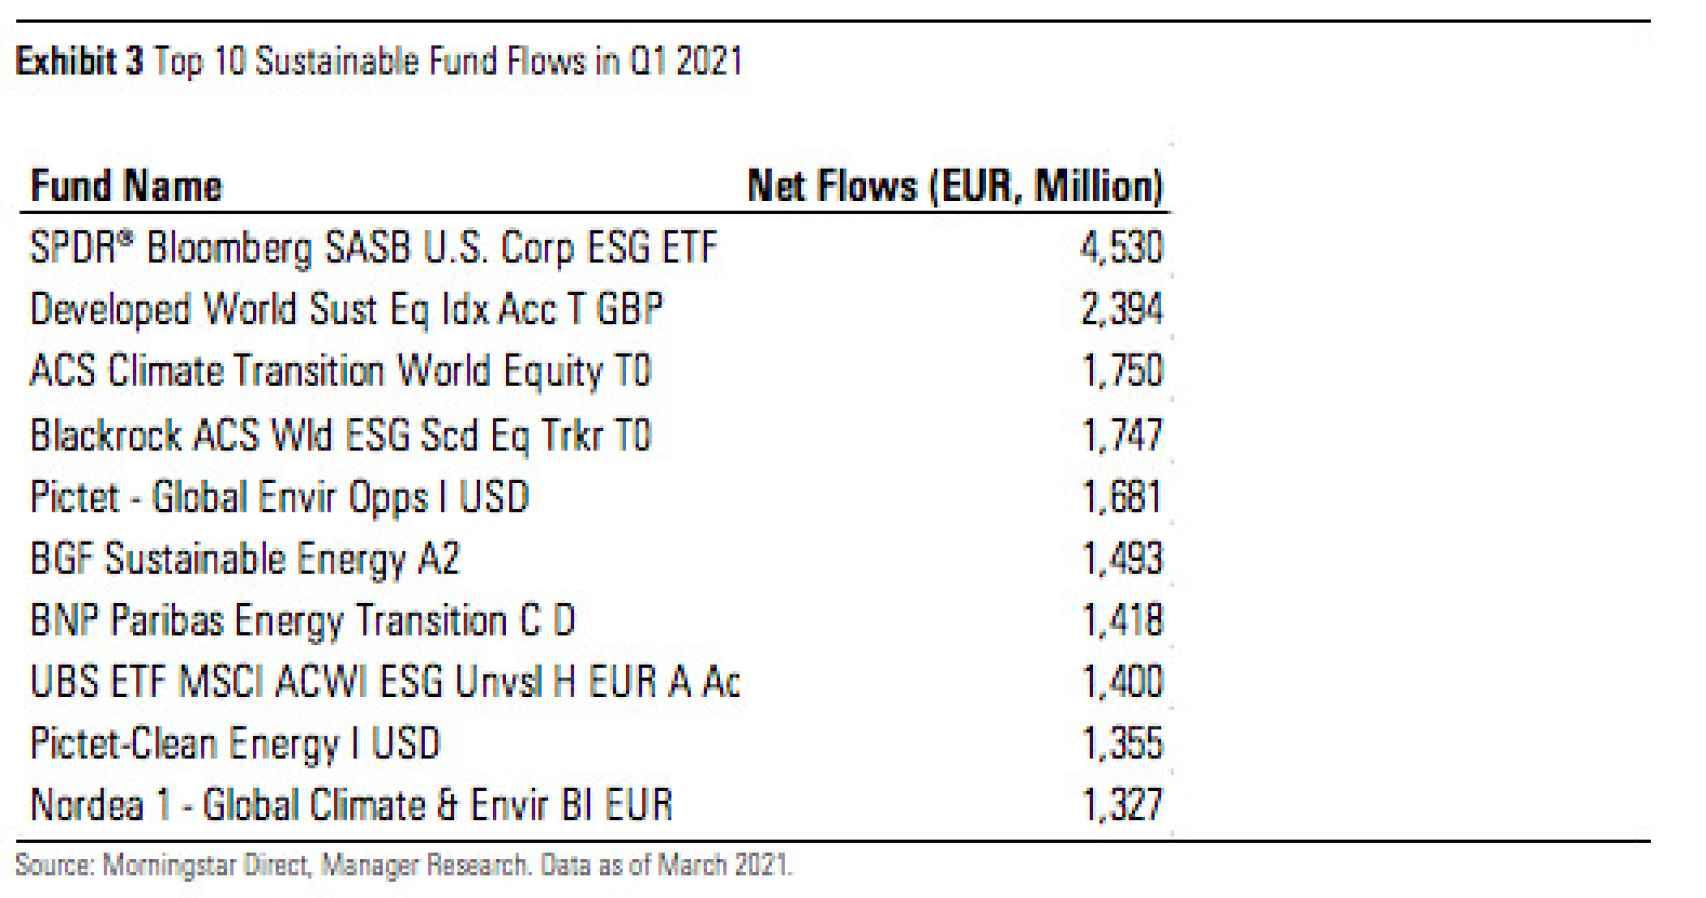 Los 10 fondos sostenibles con más captaciones netas en Europa (1T).